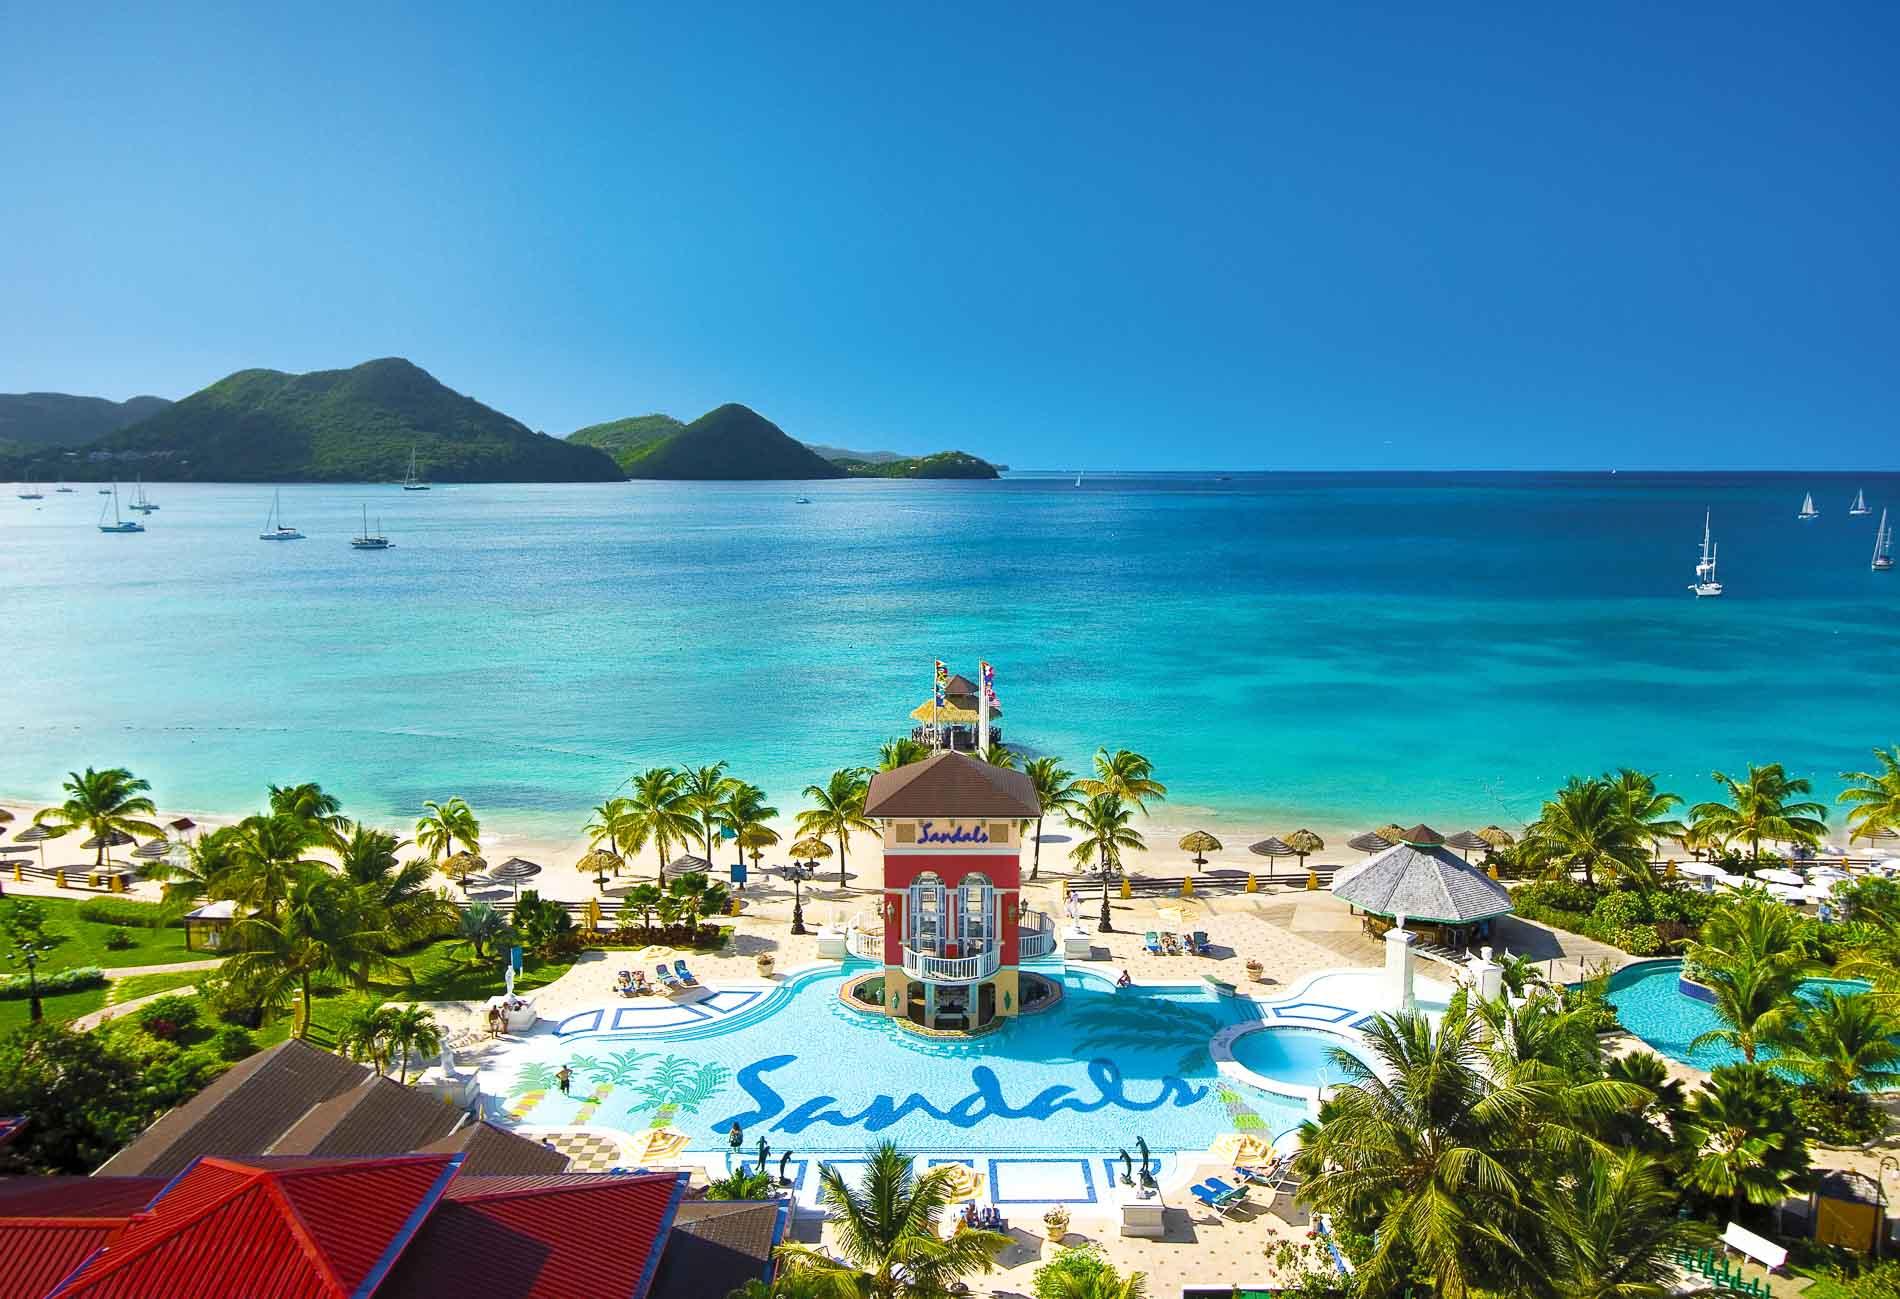 Sandals Grande St. Lucian - isola di Saint Lucia, Caraibi